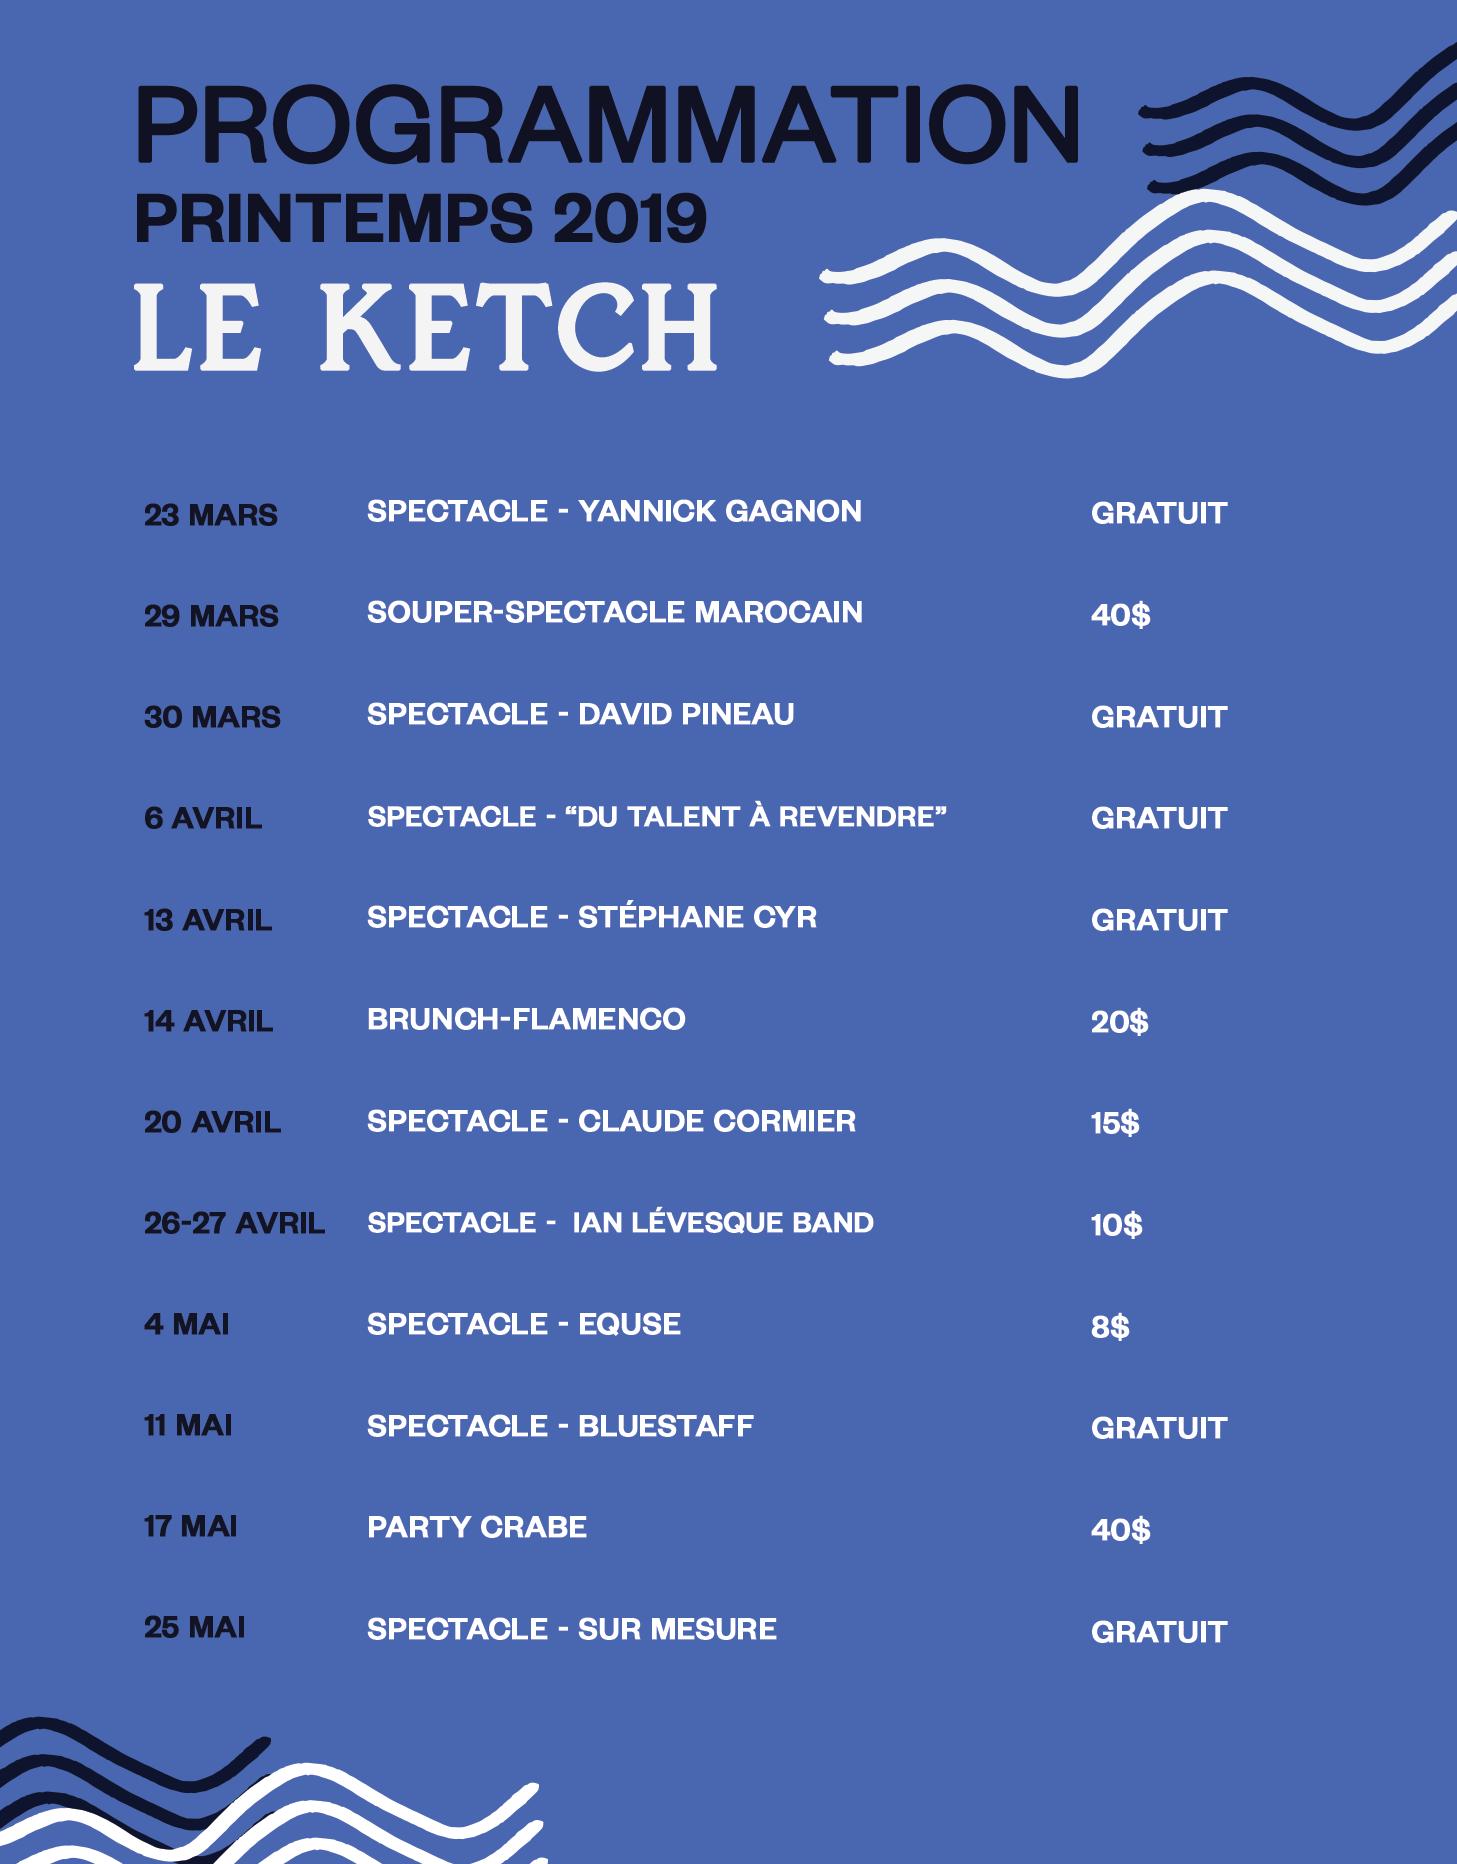 événements - Pour l'achat de billet veuillez nous contacter au 418-7758-129 ou écrivez-nous à info@leketch.comProgrammation estivale à venir…